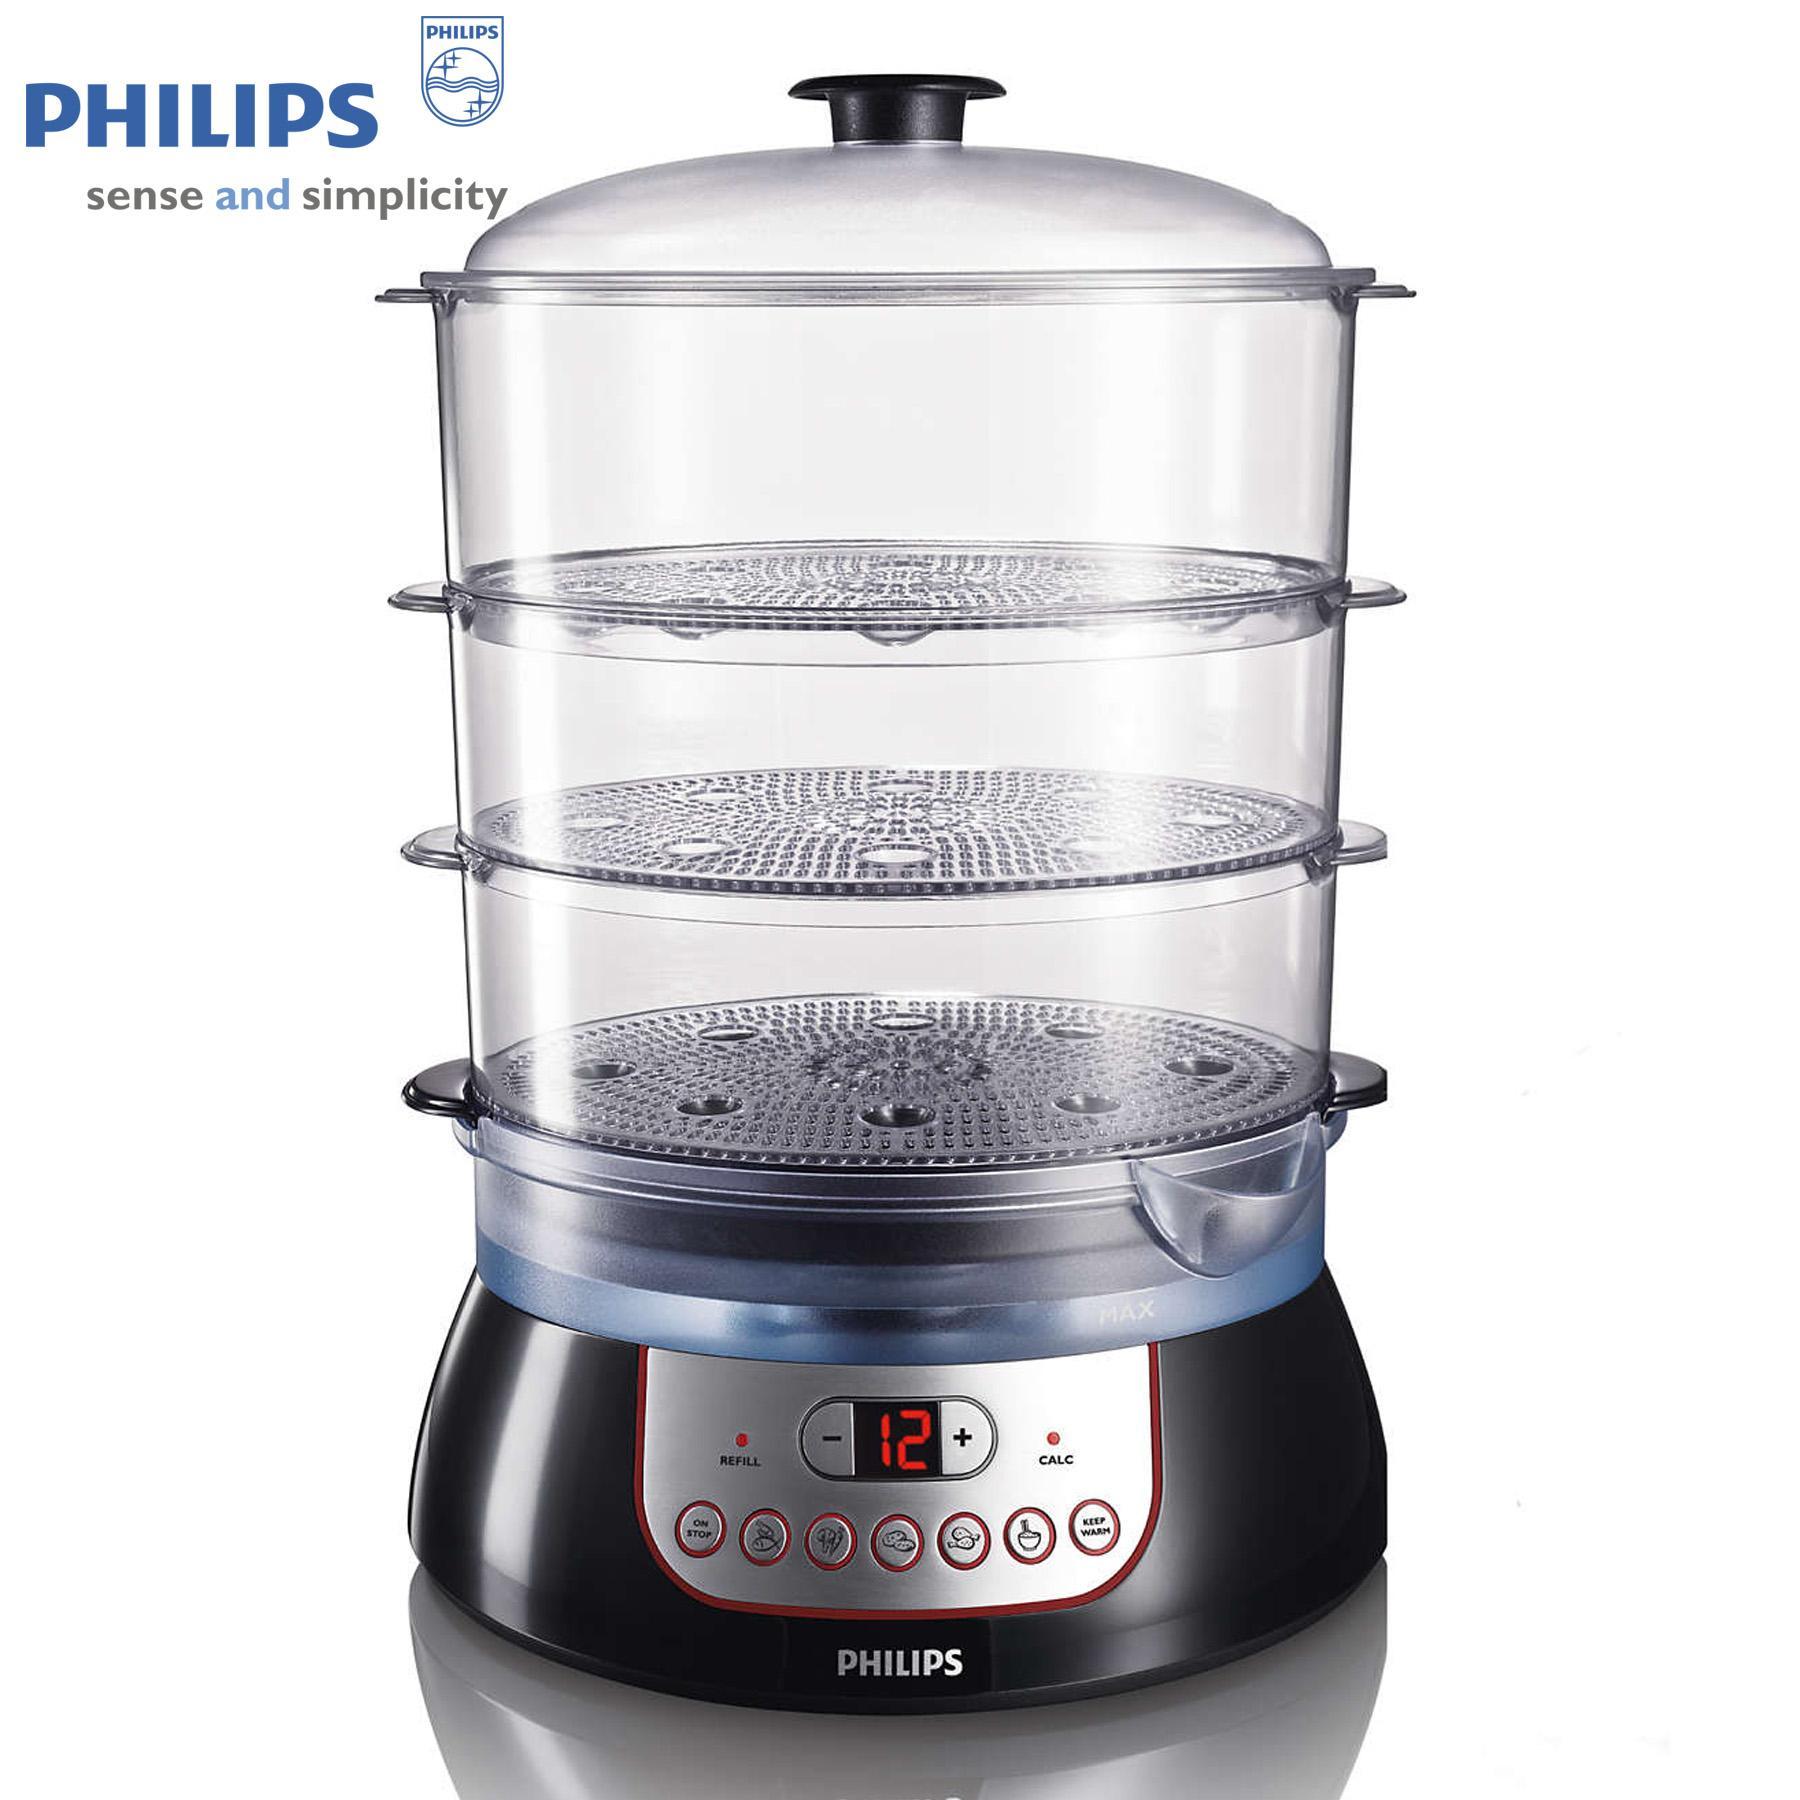 Hình ảnh Nồi hấp Philips HD9140 (Đen) - Hàng nhập khẩu